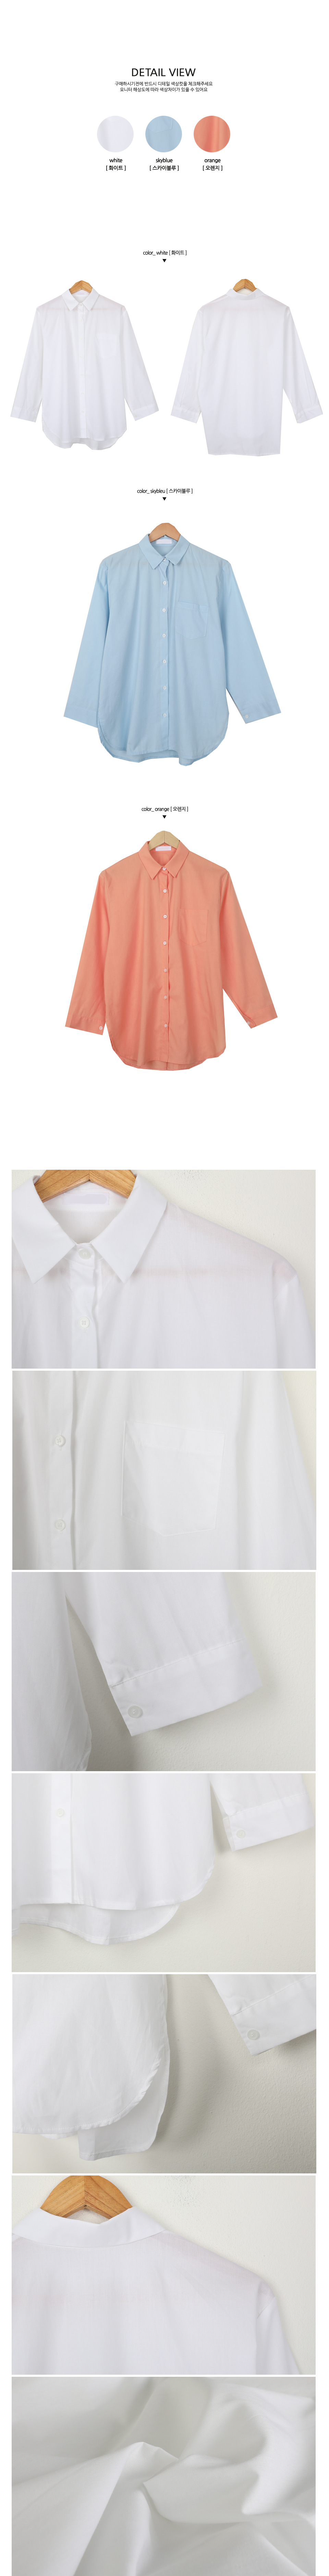 Haniel shirt